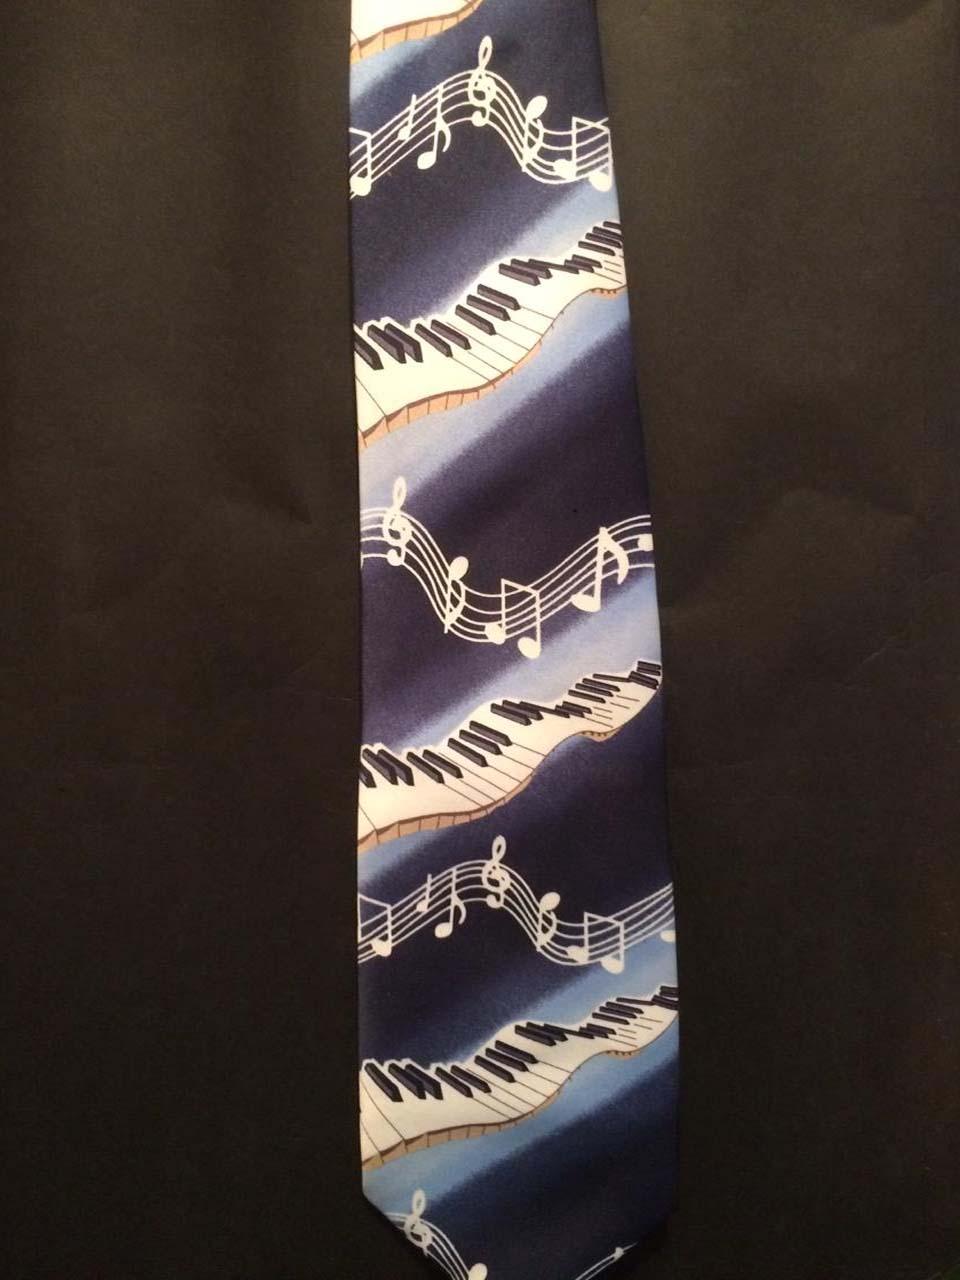 Gravata  Piano  - Billbox Records